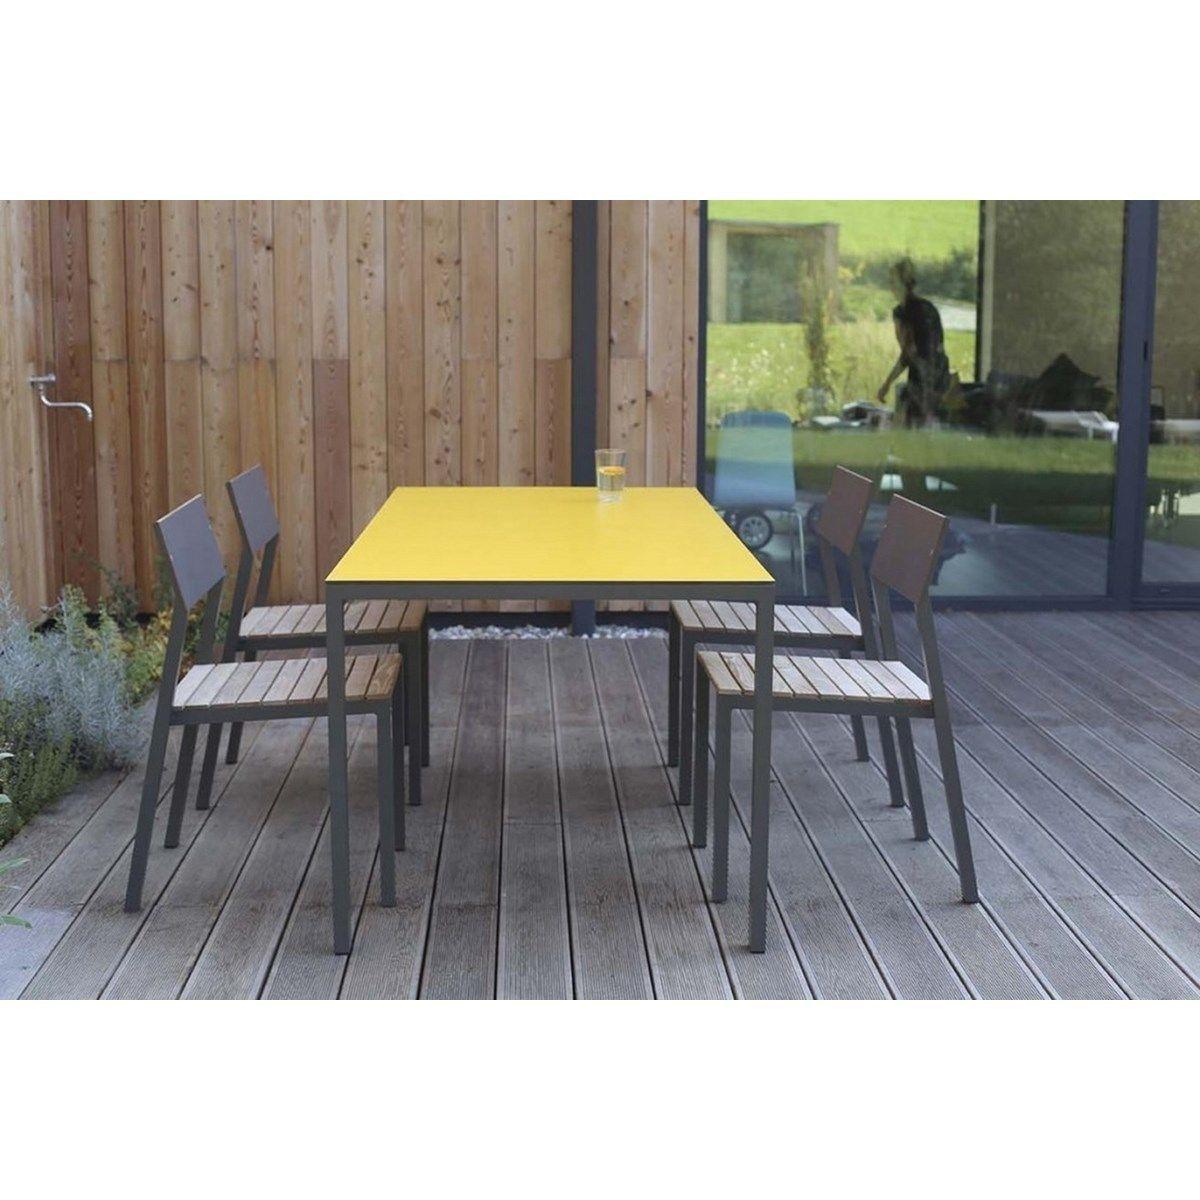 Salon De Jardin Cora Table Rectangle Plateau Hpl Jaune Et 4 ... concernant Salon De Jardin Cora